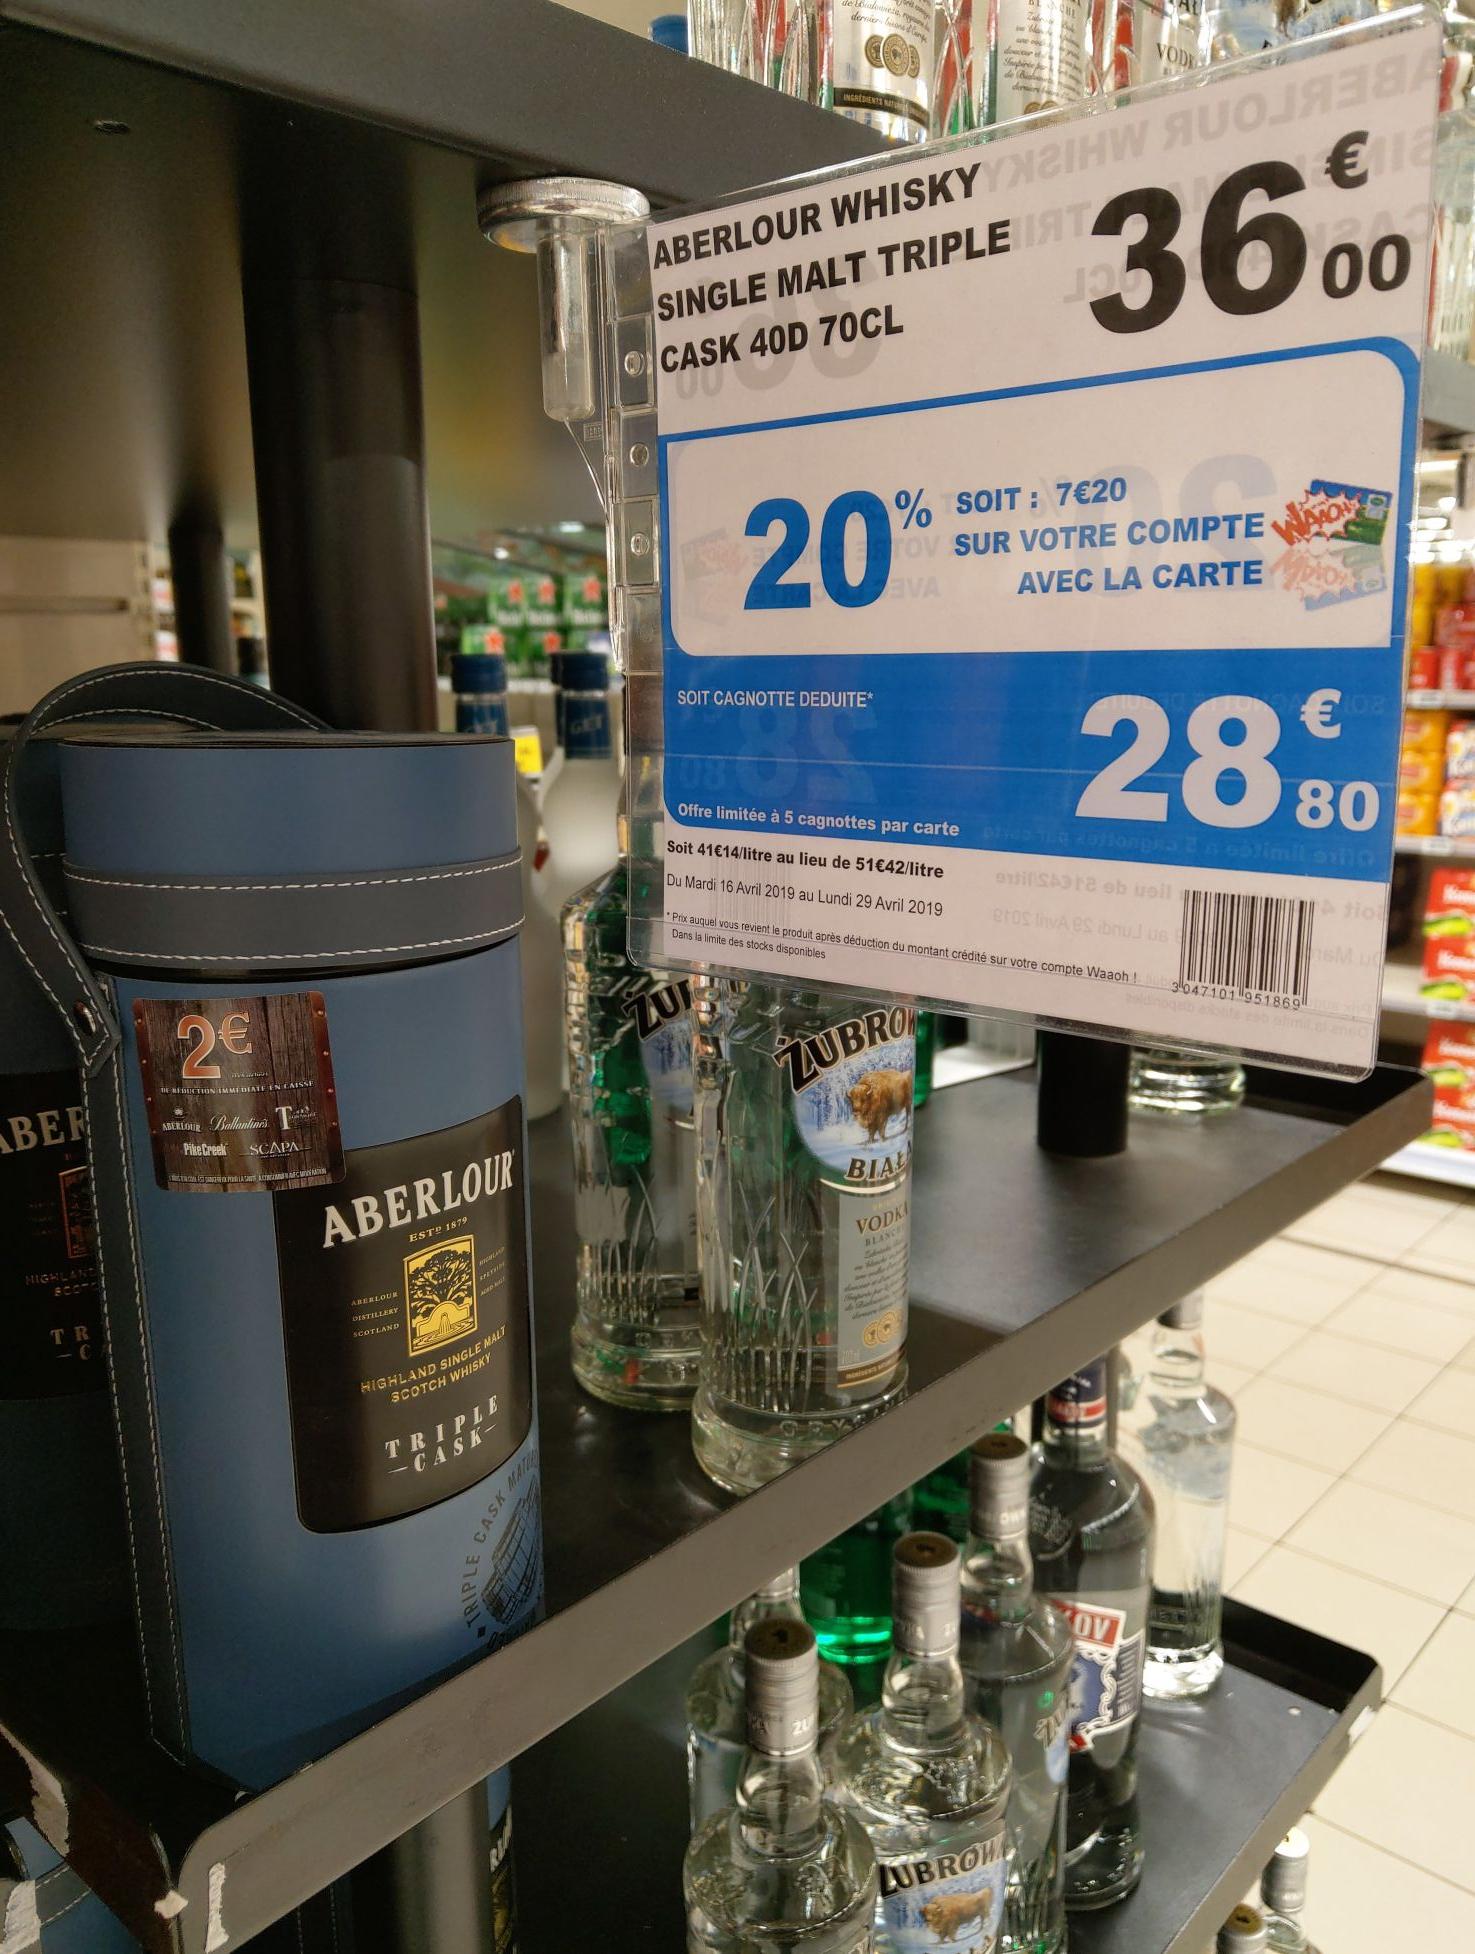 1 Bouteille de Scotch Whisky Aberlour Triple Cask (via 7.20€ sur la carte) - Velizy 2 (78)